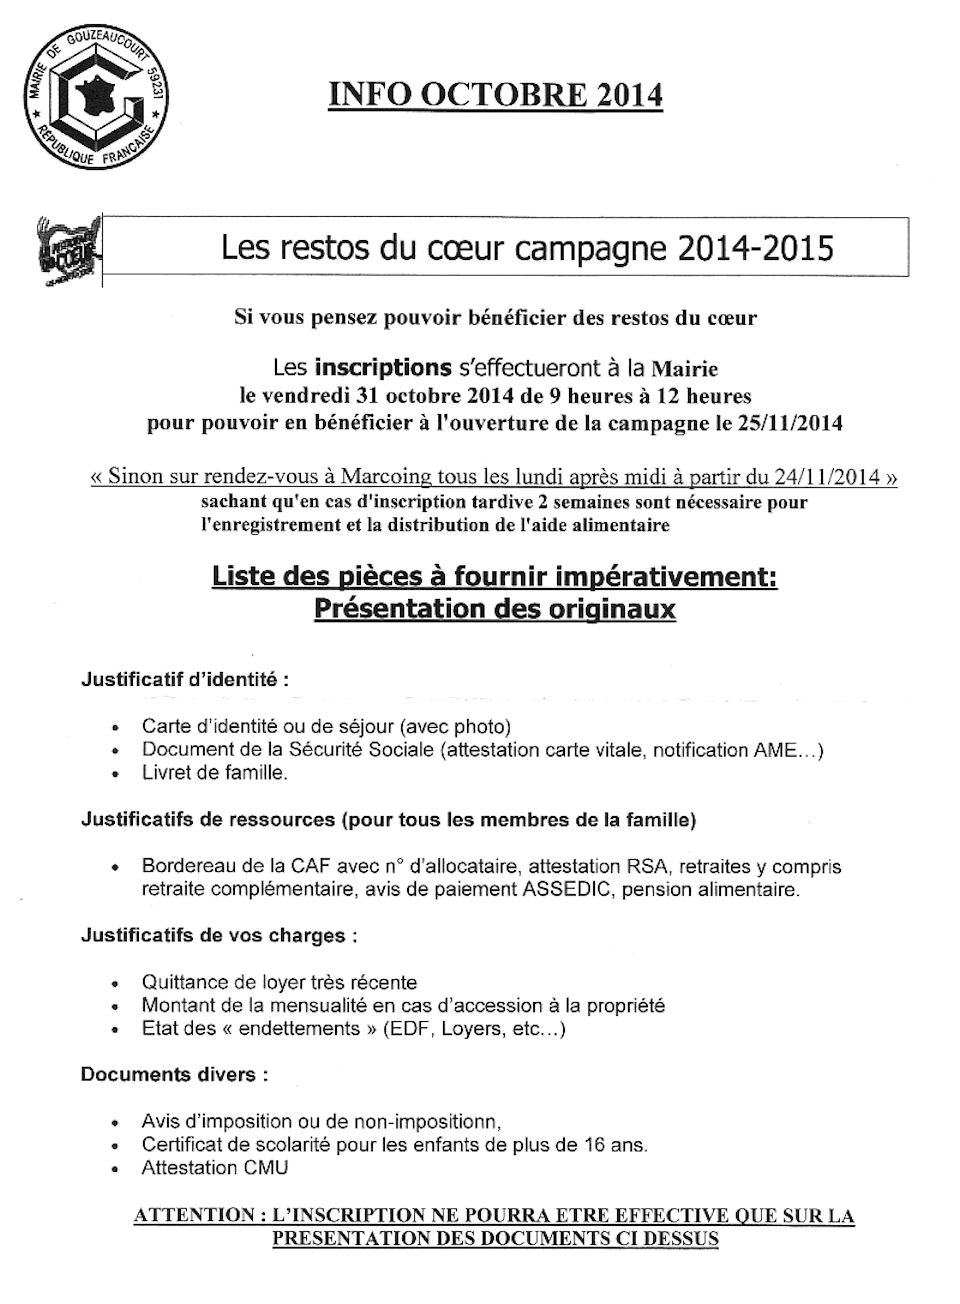 info 1 oct 2014